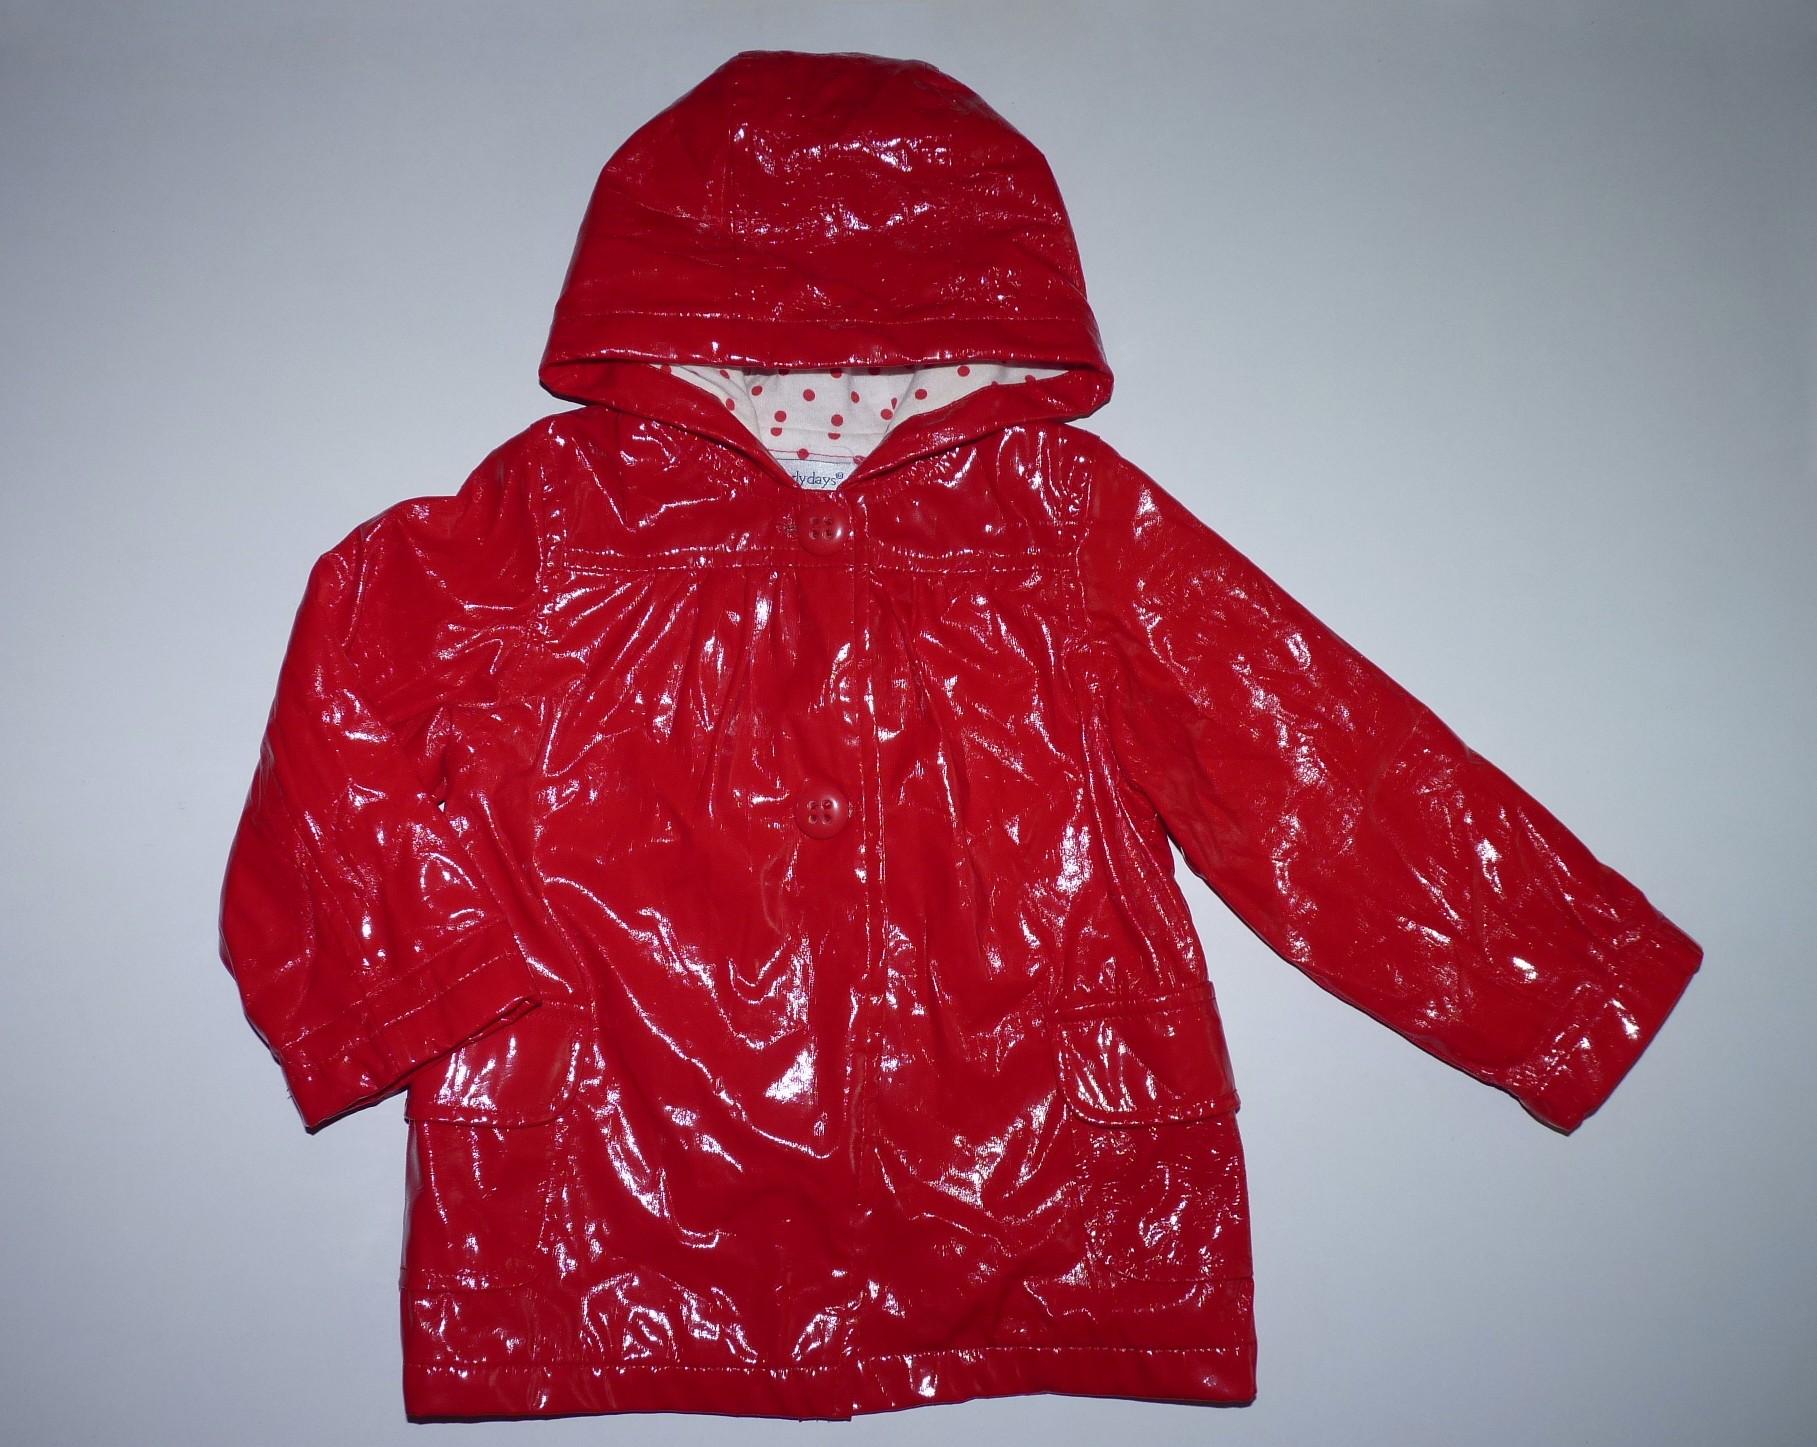 31df1eeb06 80-as gyönyörű piros lakk kislány kabát - Kabátok - Lurkoshop gyerekruha  webshop